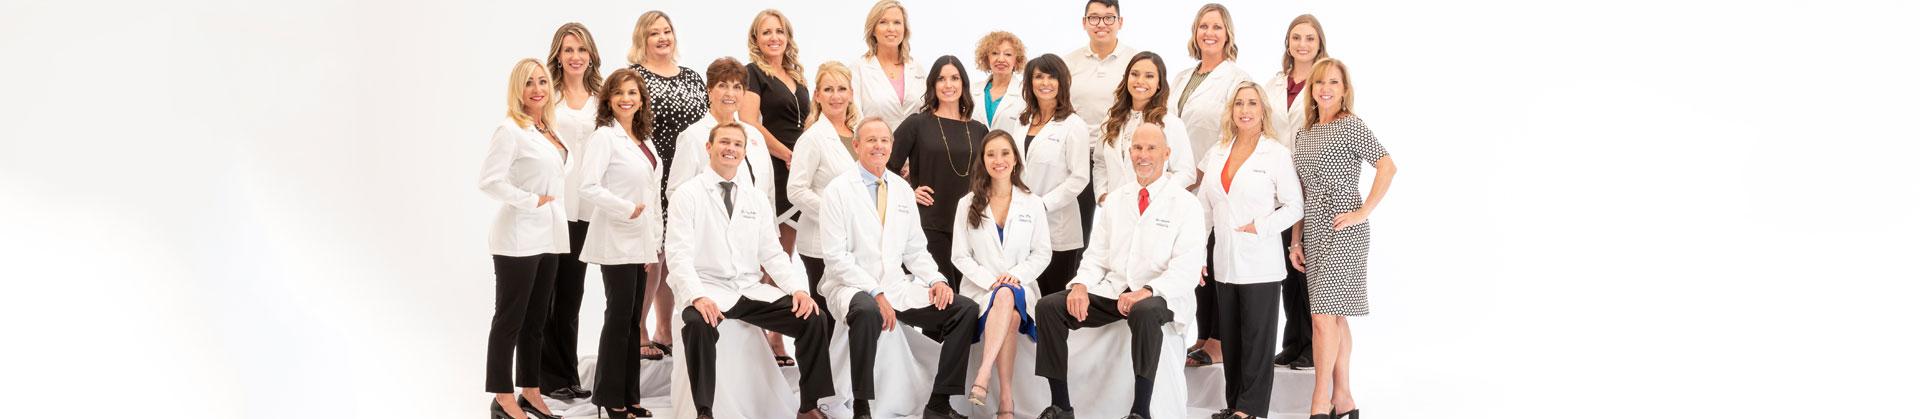 Dental team at Smiles4OC